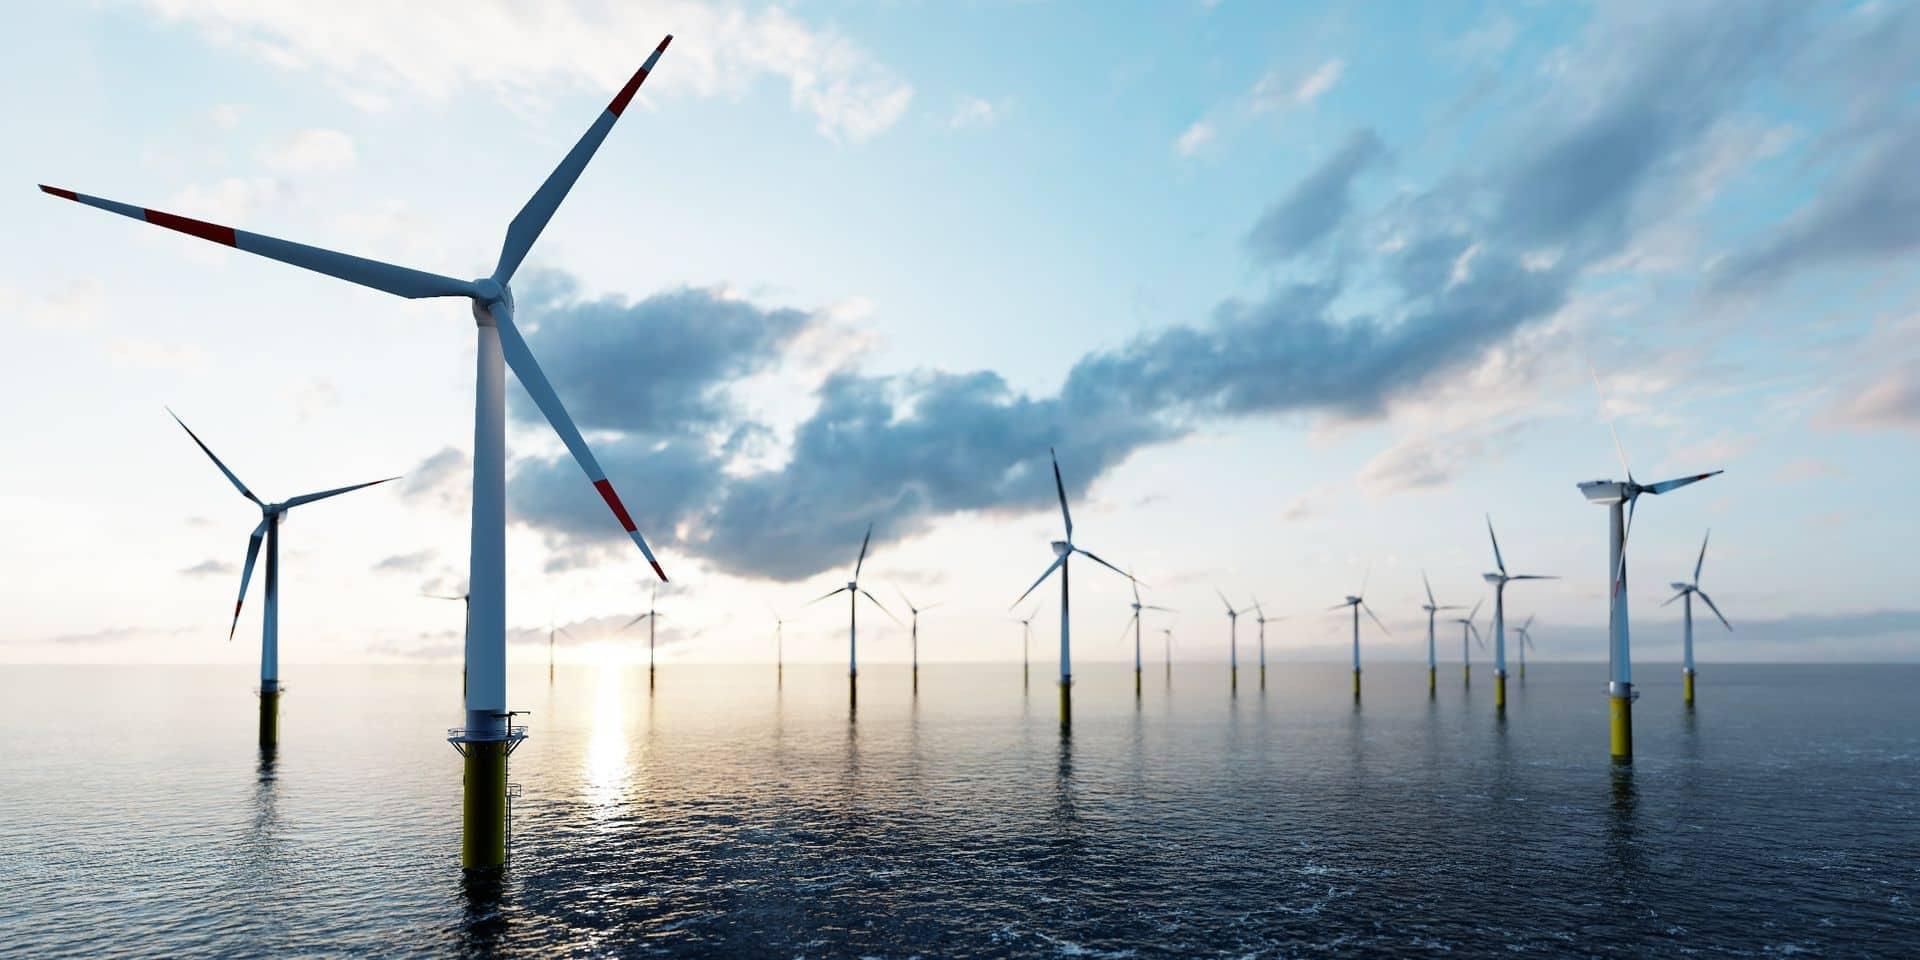 Les 46 éoliennes qui seront plantées auront une taille encore unique au monde, entre 260 et 300 mètres de haut.